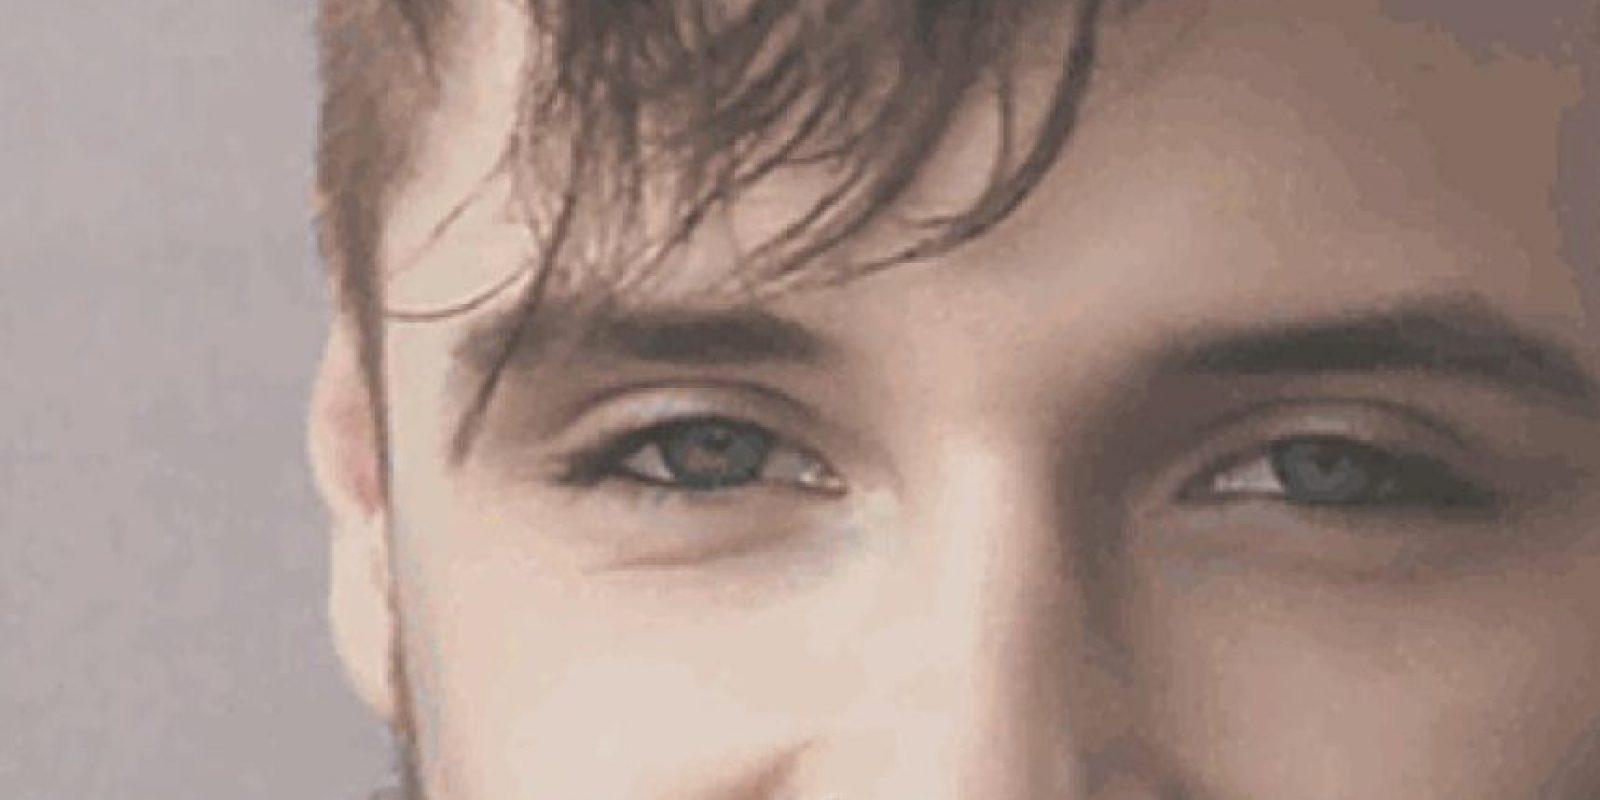 3. Nariz delgada, de longitud media y recta. Foto:Tumblr.com/Tagged-hombre-ojos-azulesTumblr.com/Tagged-hombre-ojos-azules